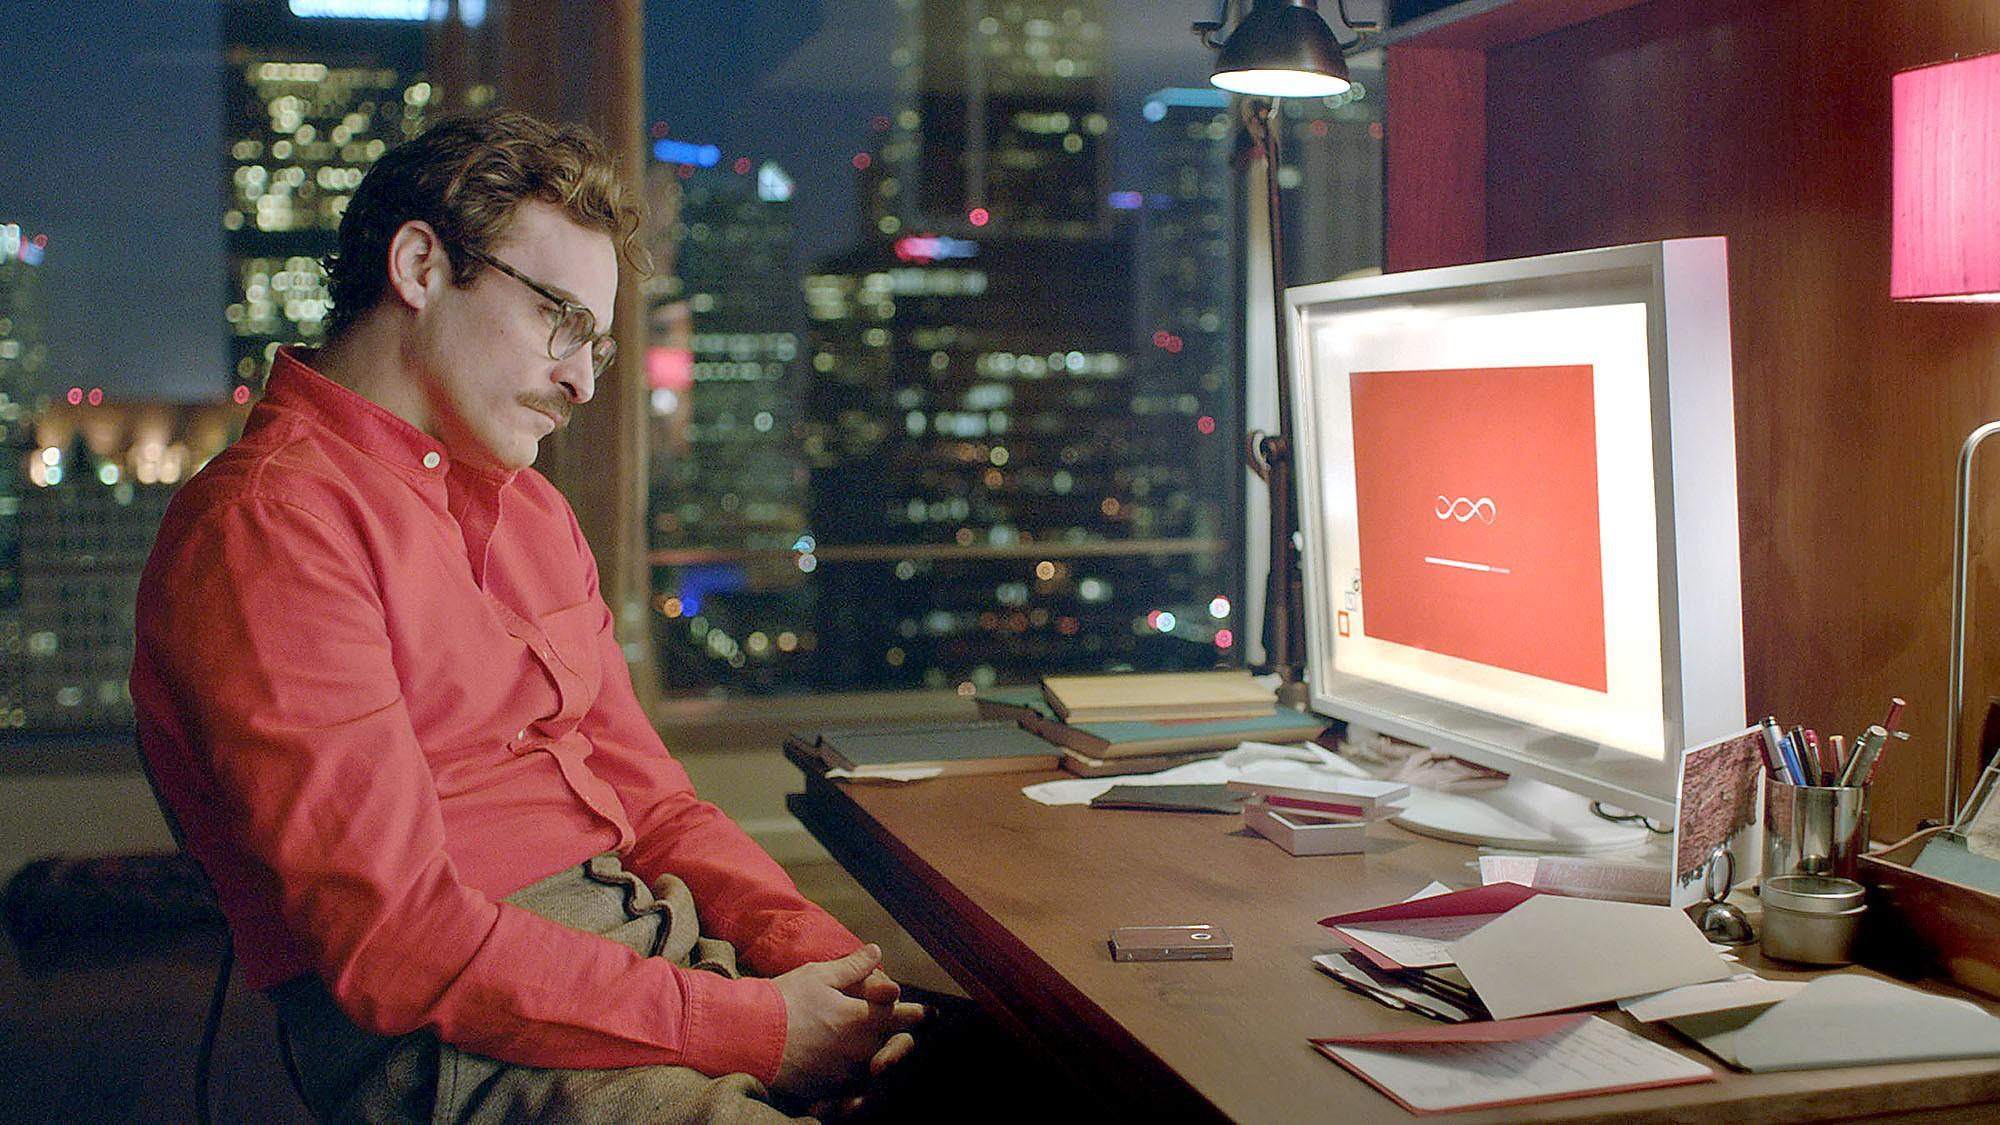 Novo site usa inteligência artificial para garantir a imortalidade digital de usuários